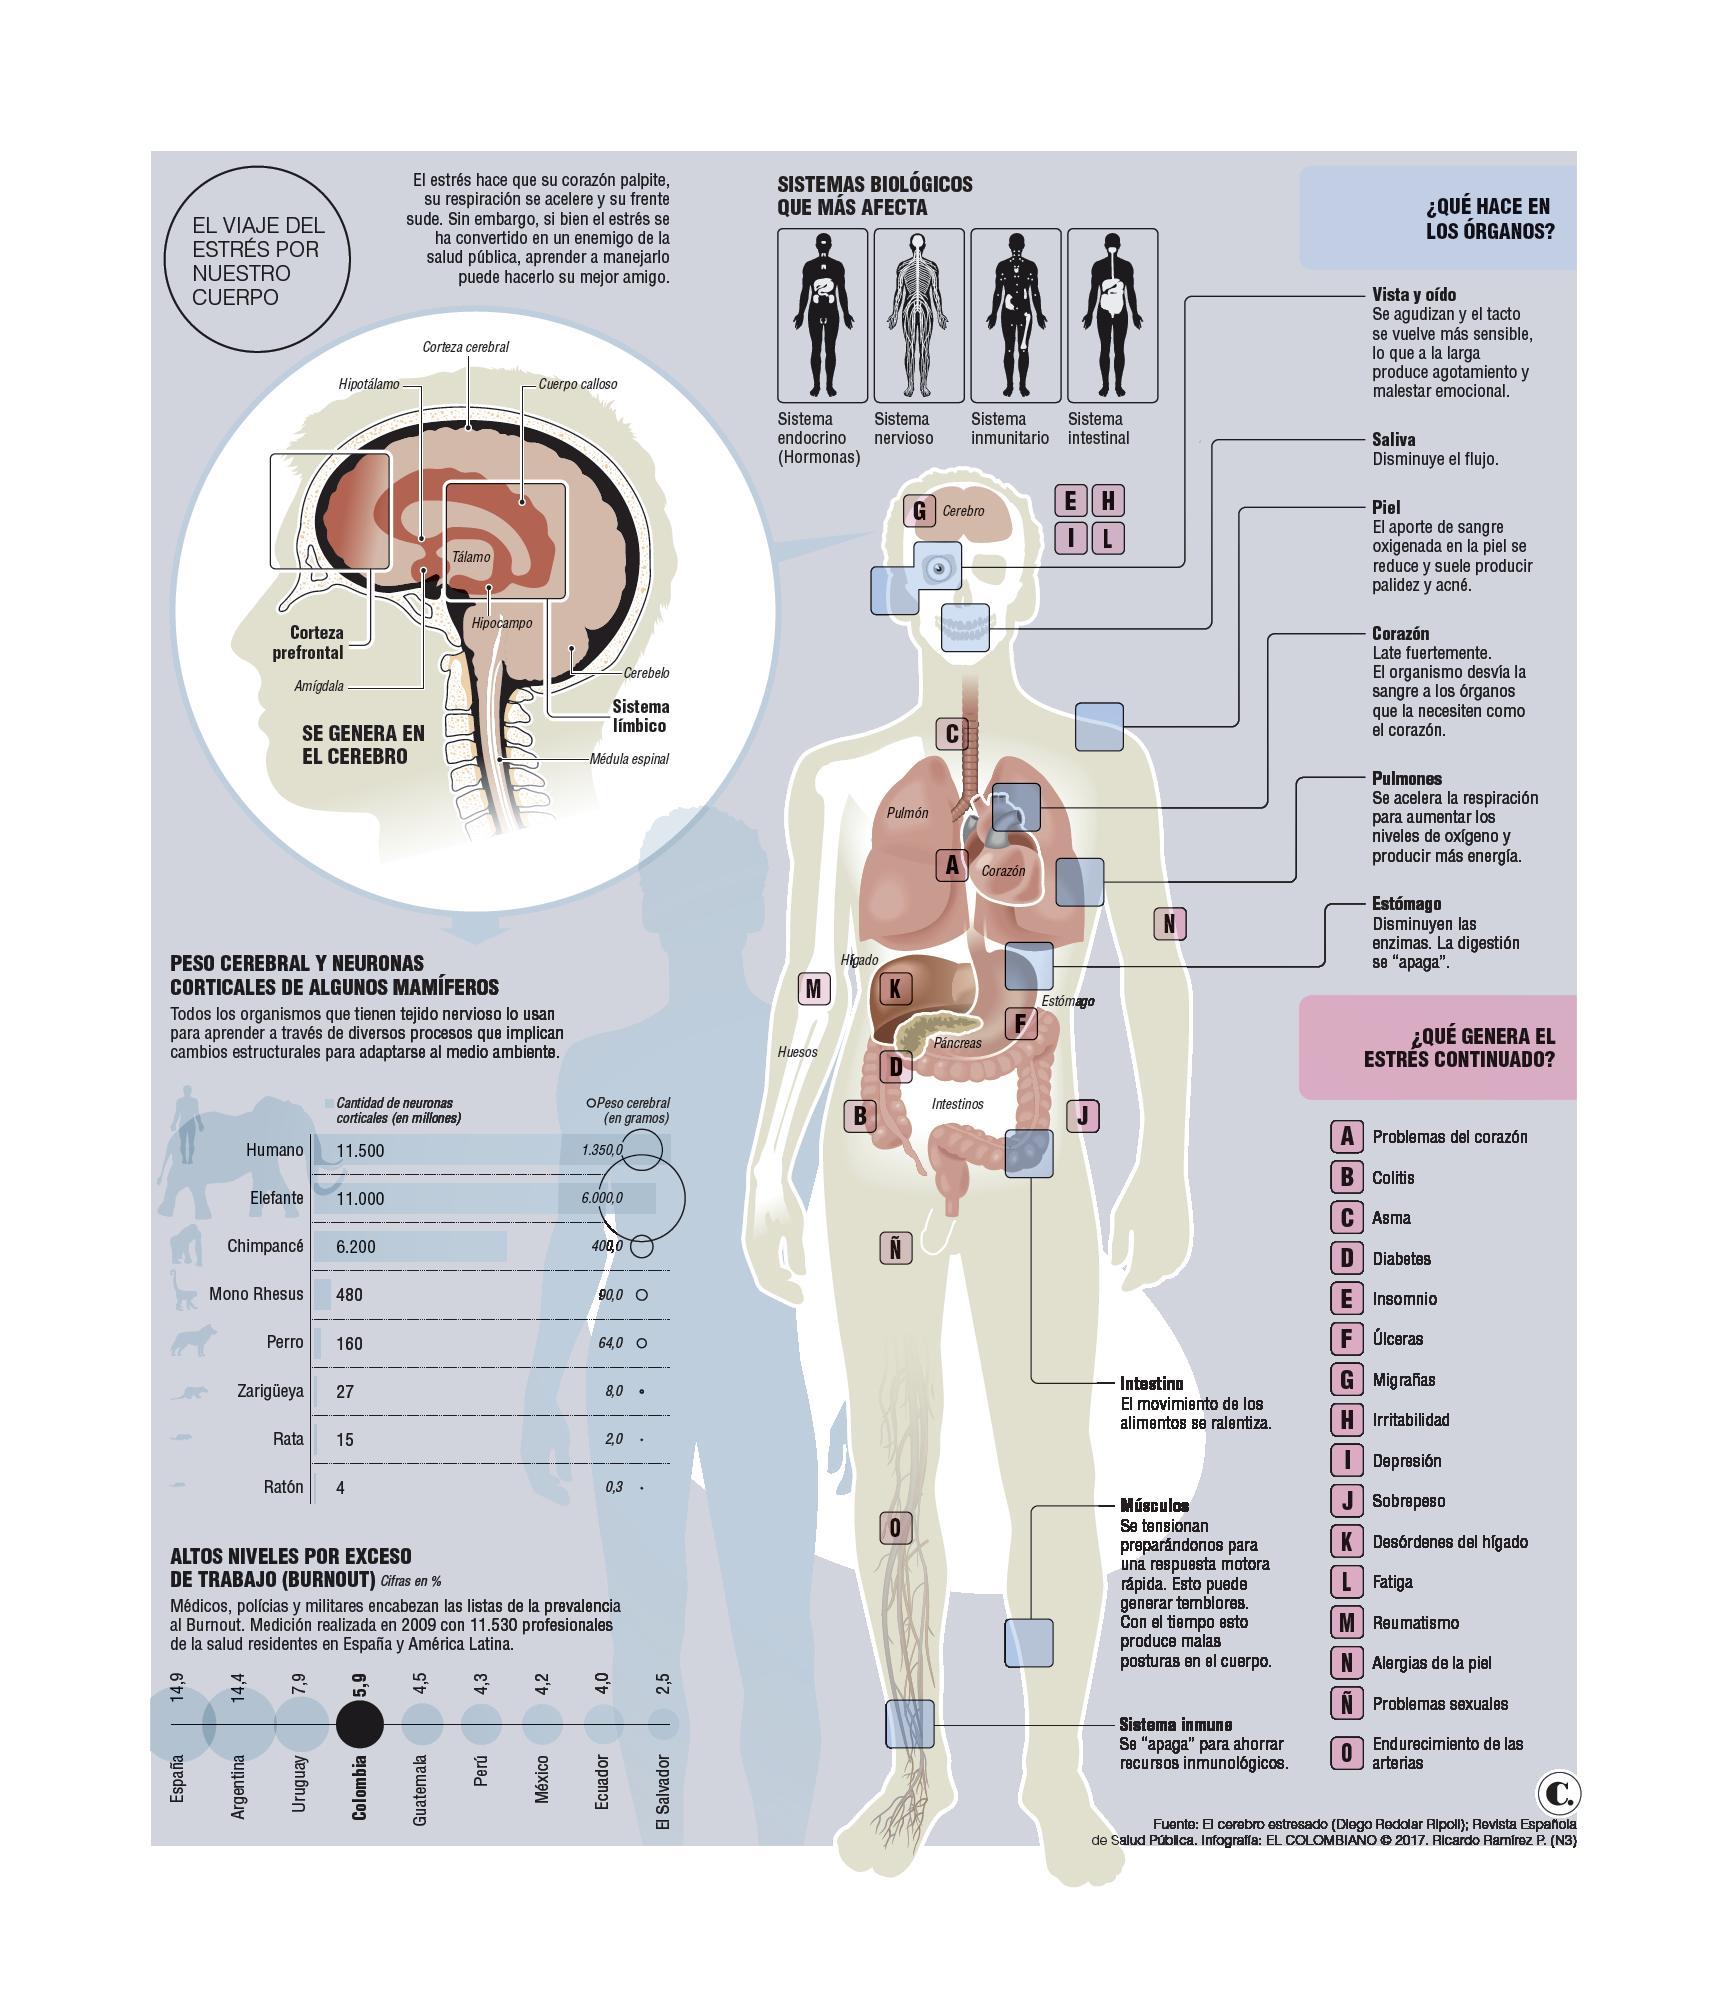 Estos son los efectos del estrés en el cuerpo humano